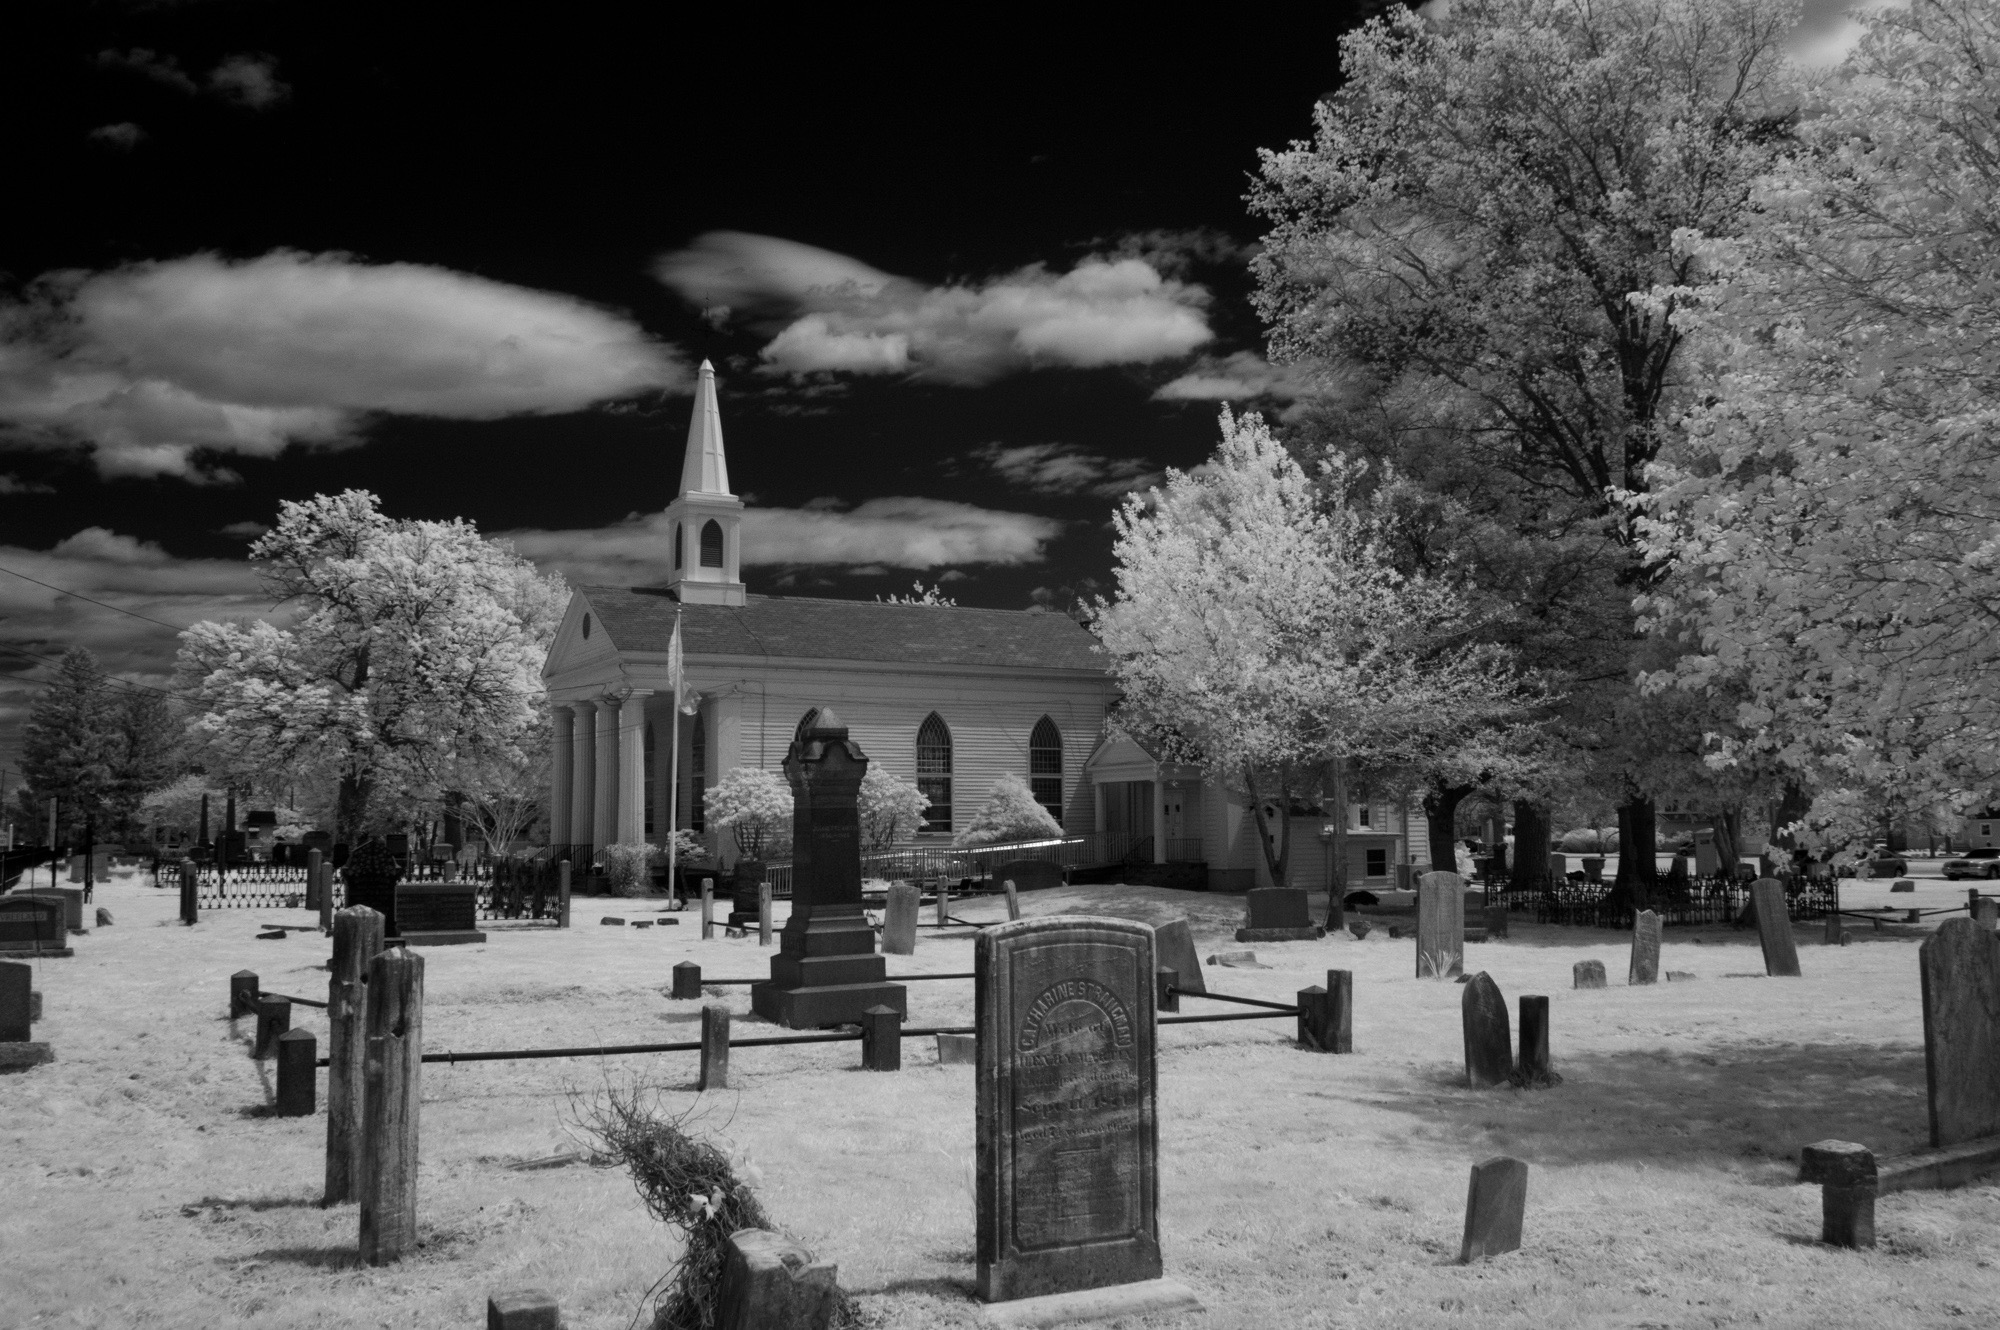 Piscatawaytown Burial Site IR 4-27-19-7.jpg